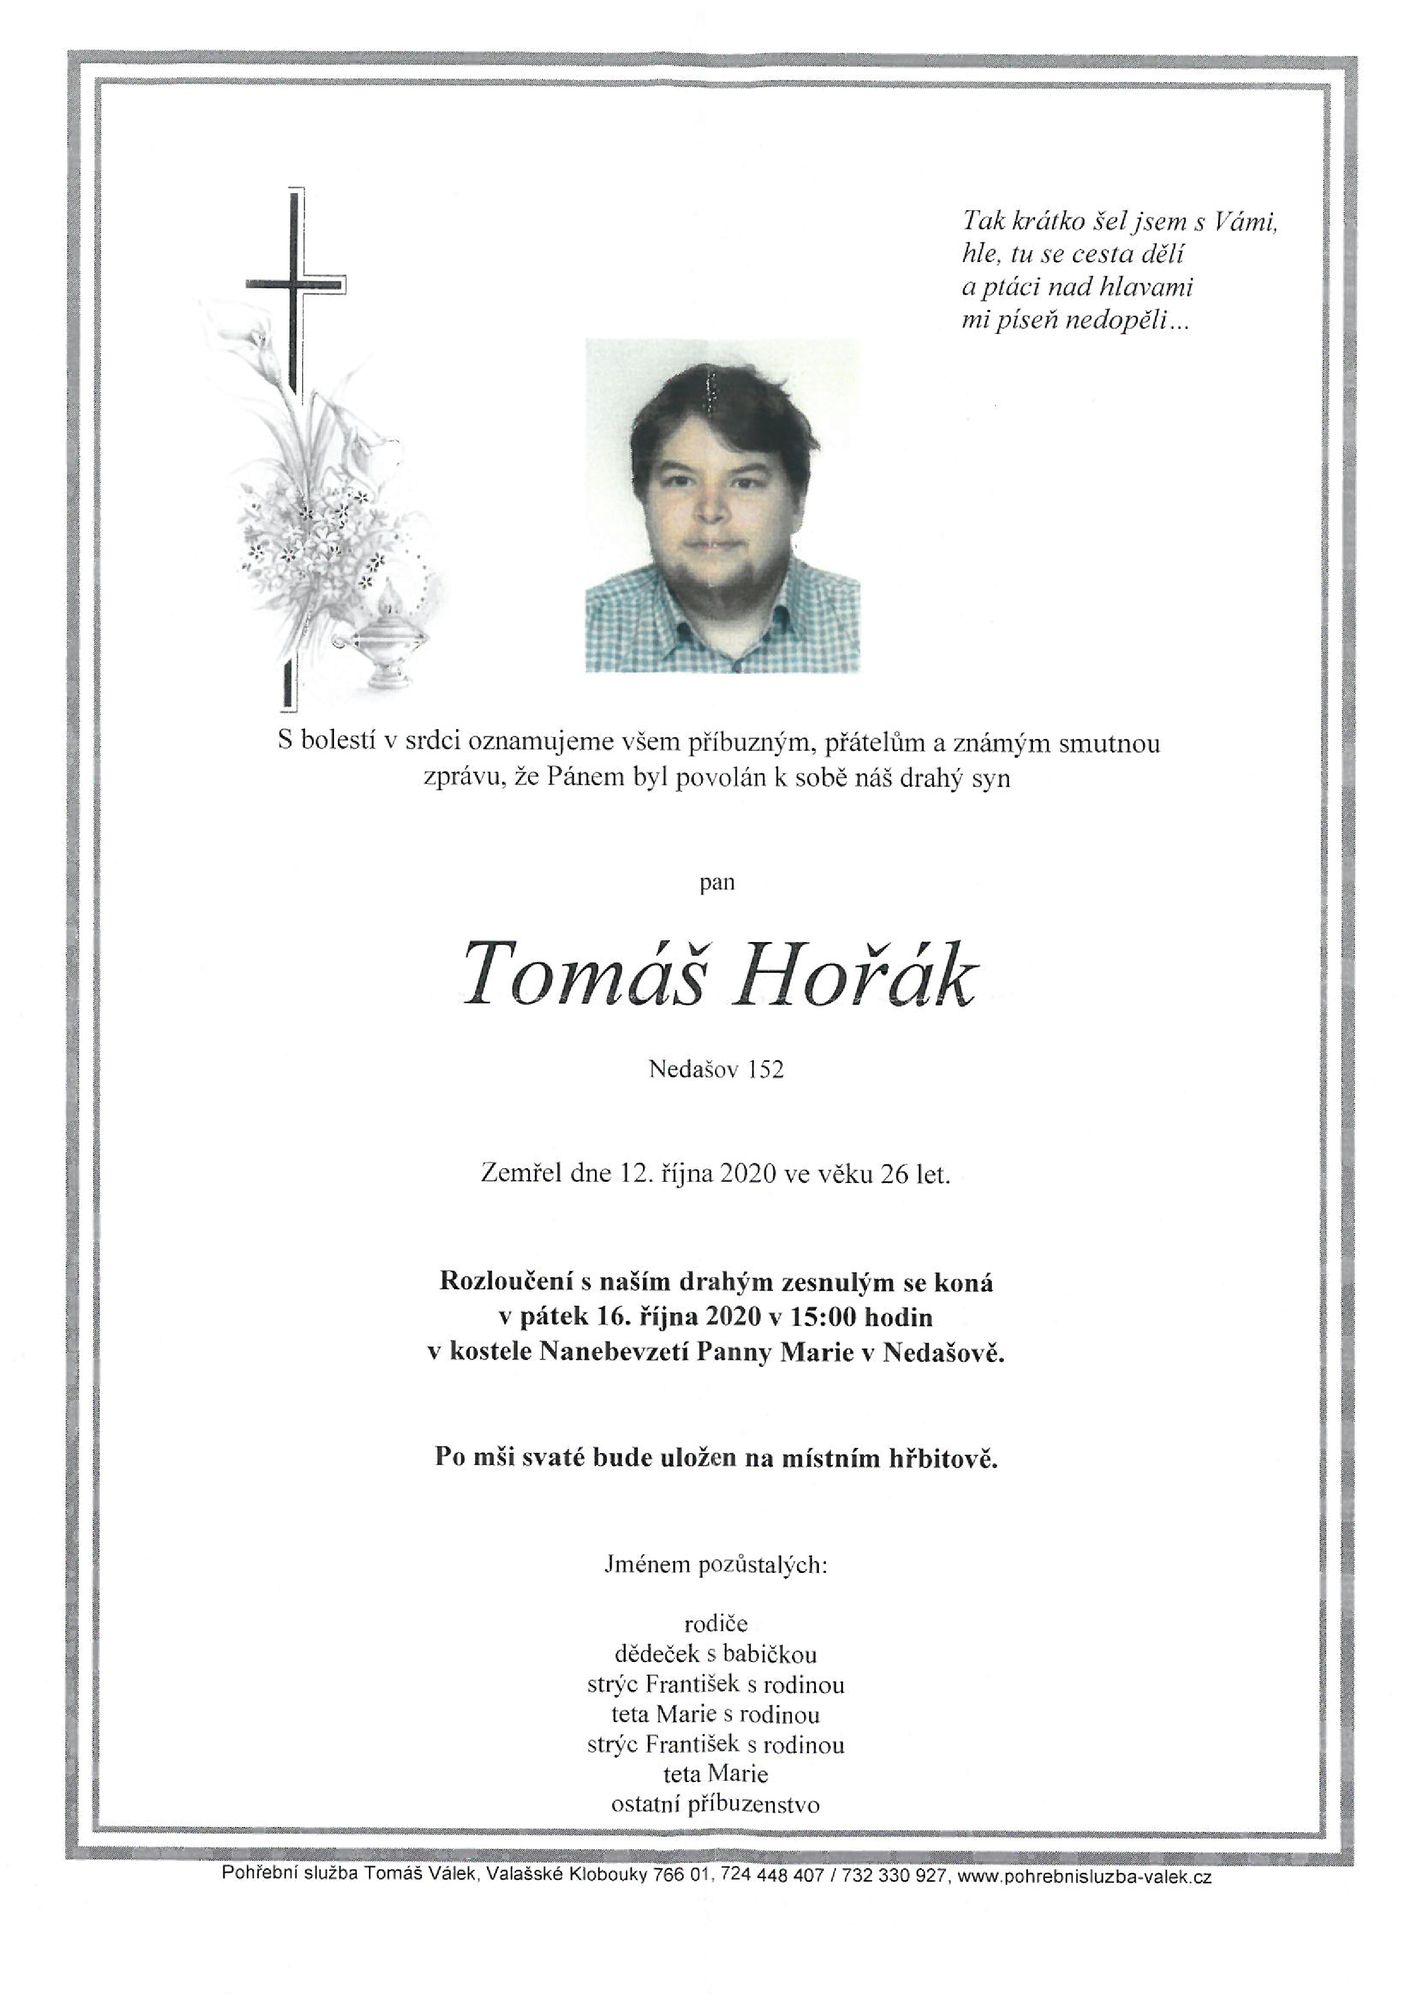 Tomáš Hořák